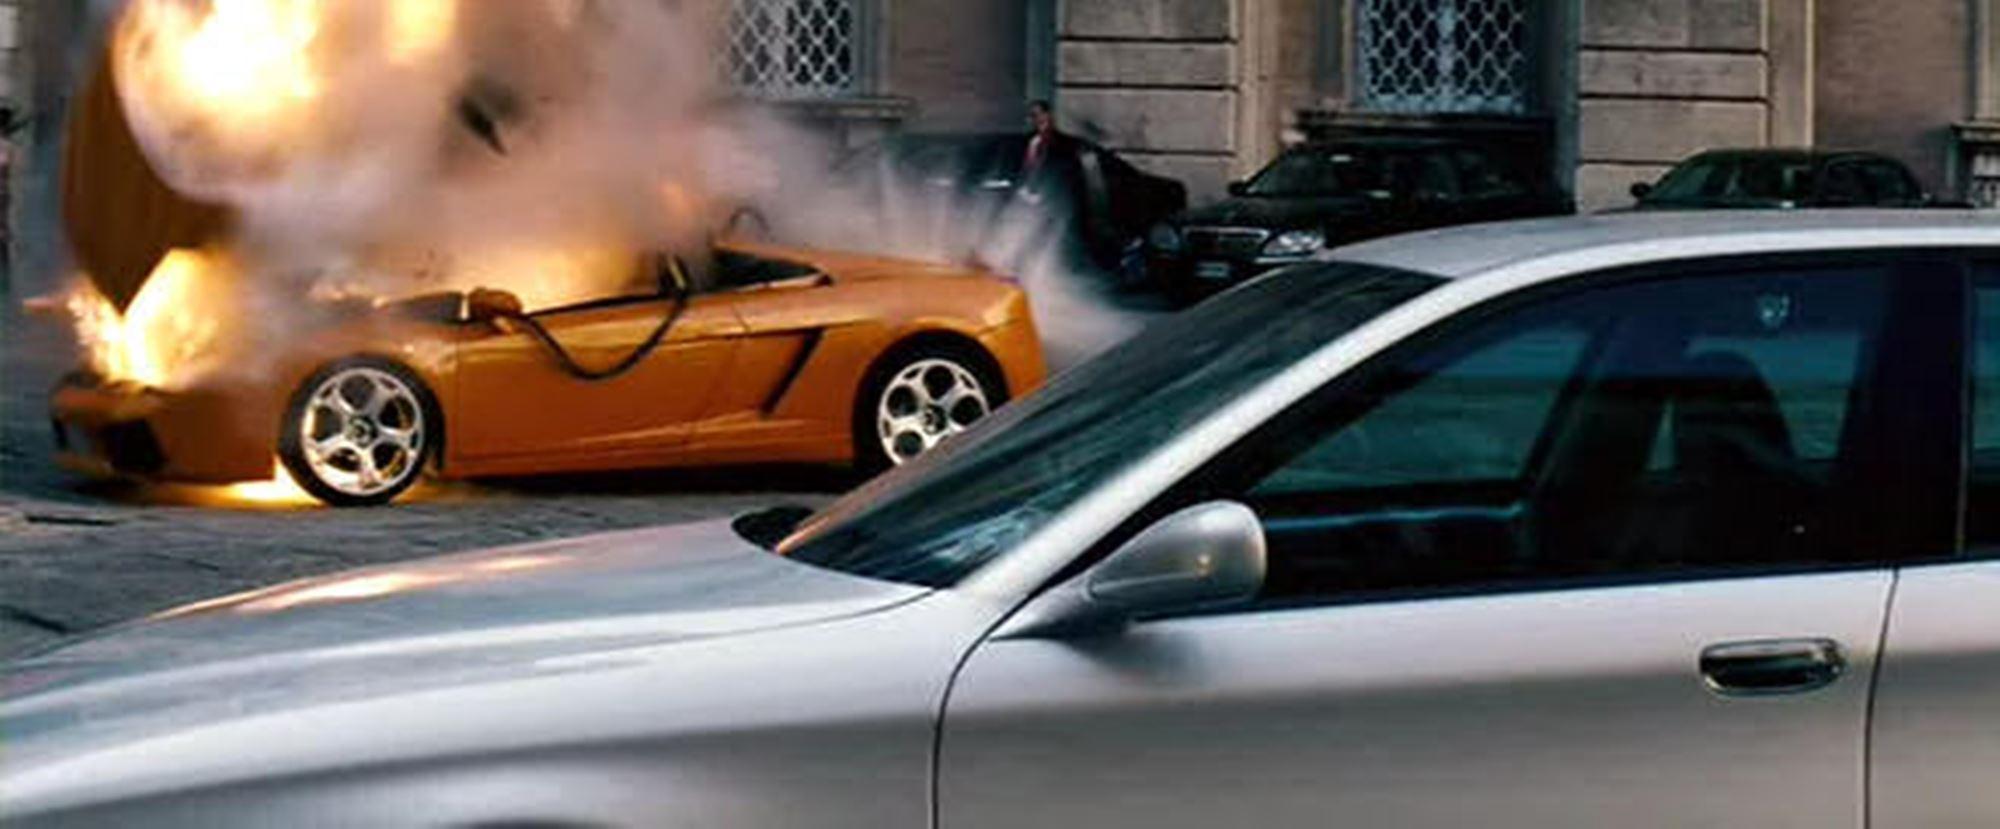 Mission Impossible Lamborghini Gallardo